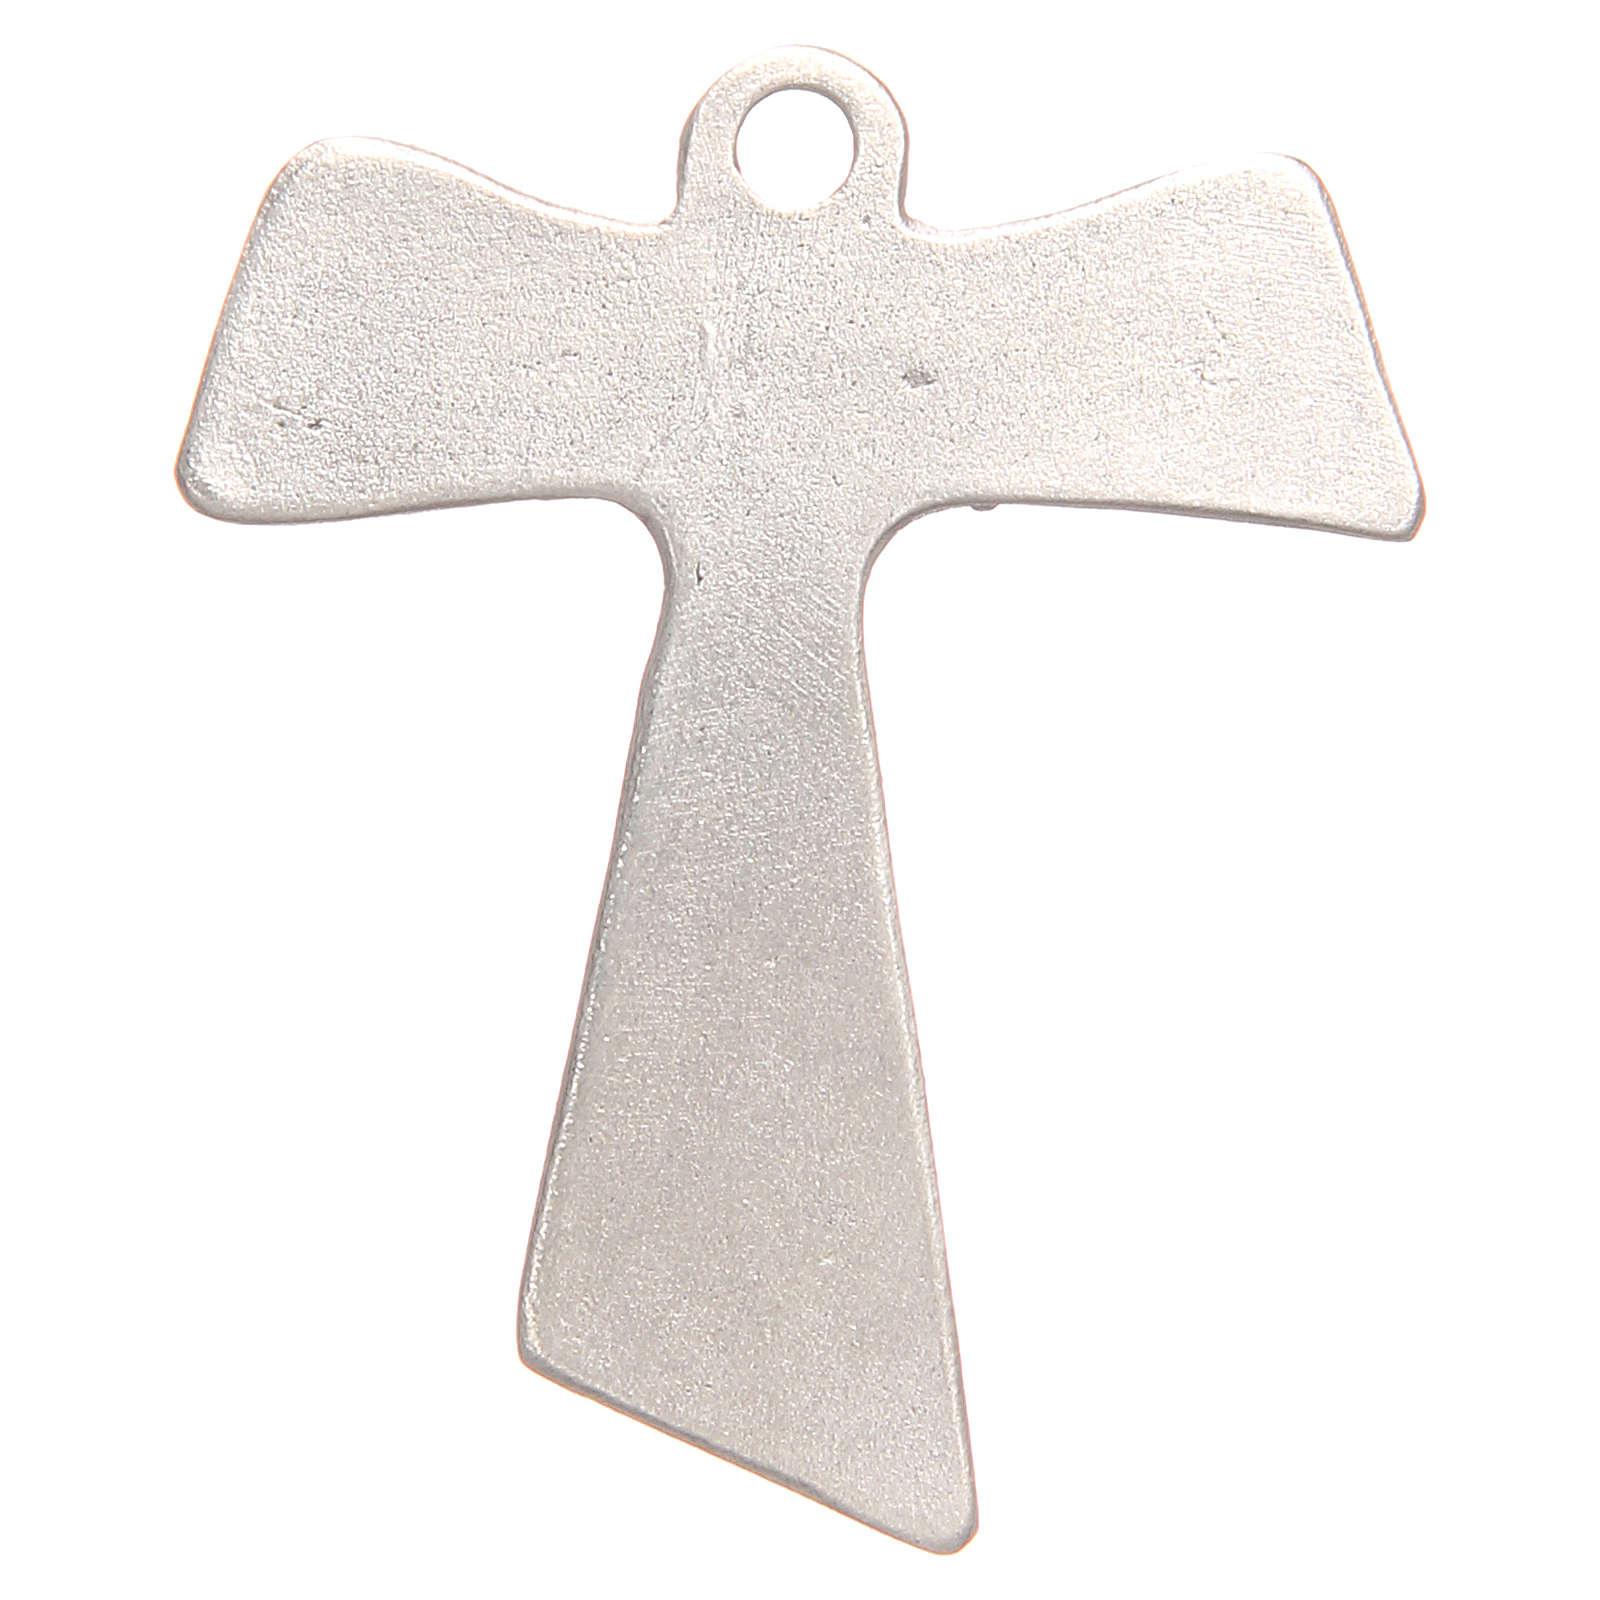 Croce tau Pax et Bonum galvanica argento antico 4